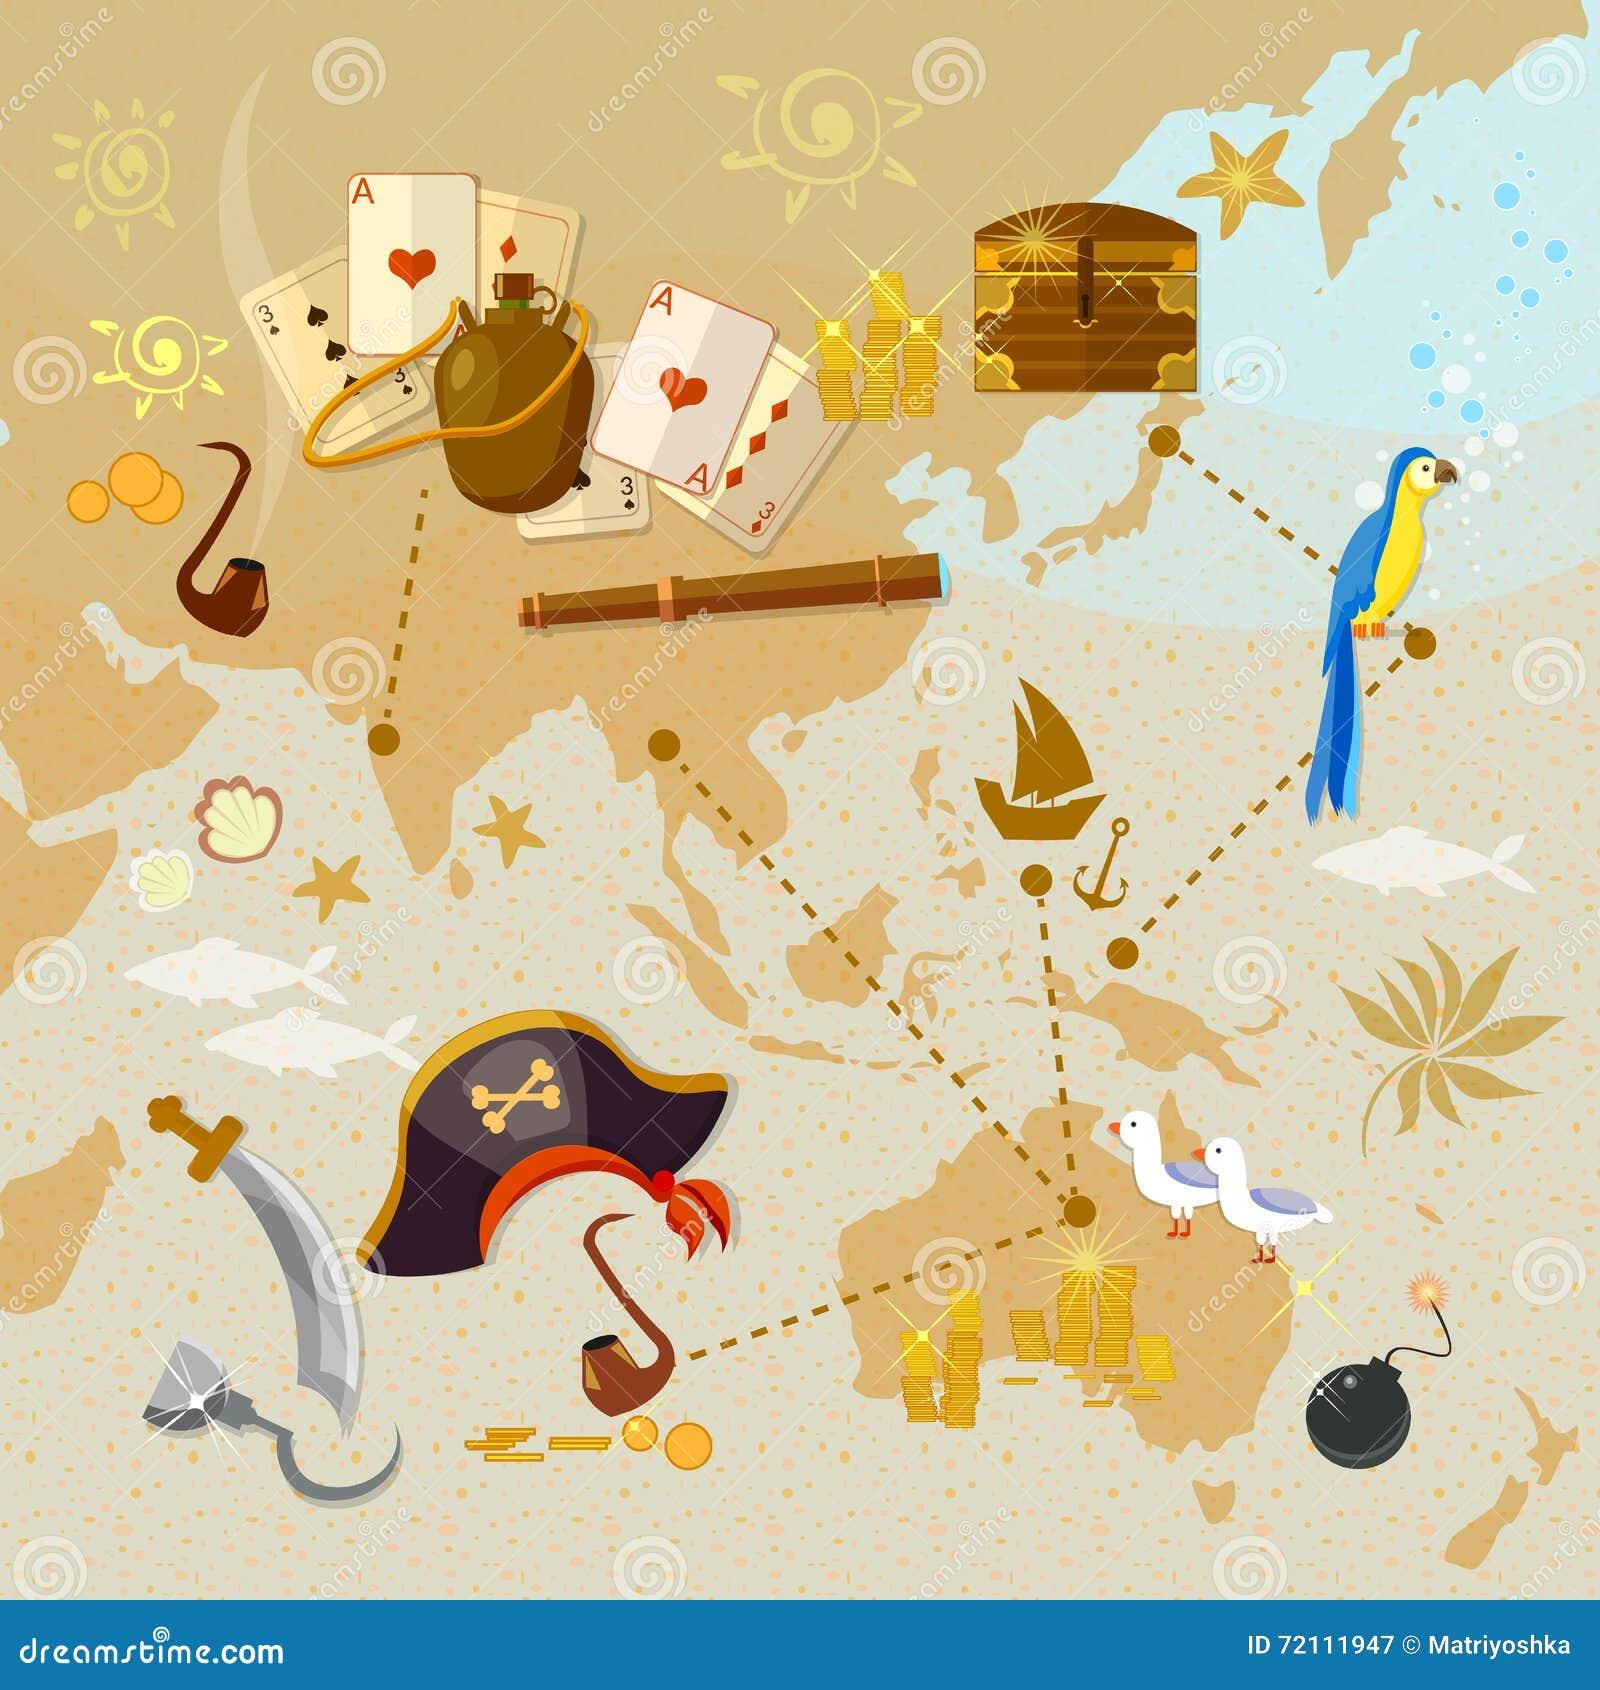 Oude kaart van het eiland van de piraatschat